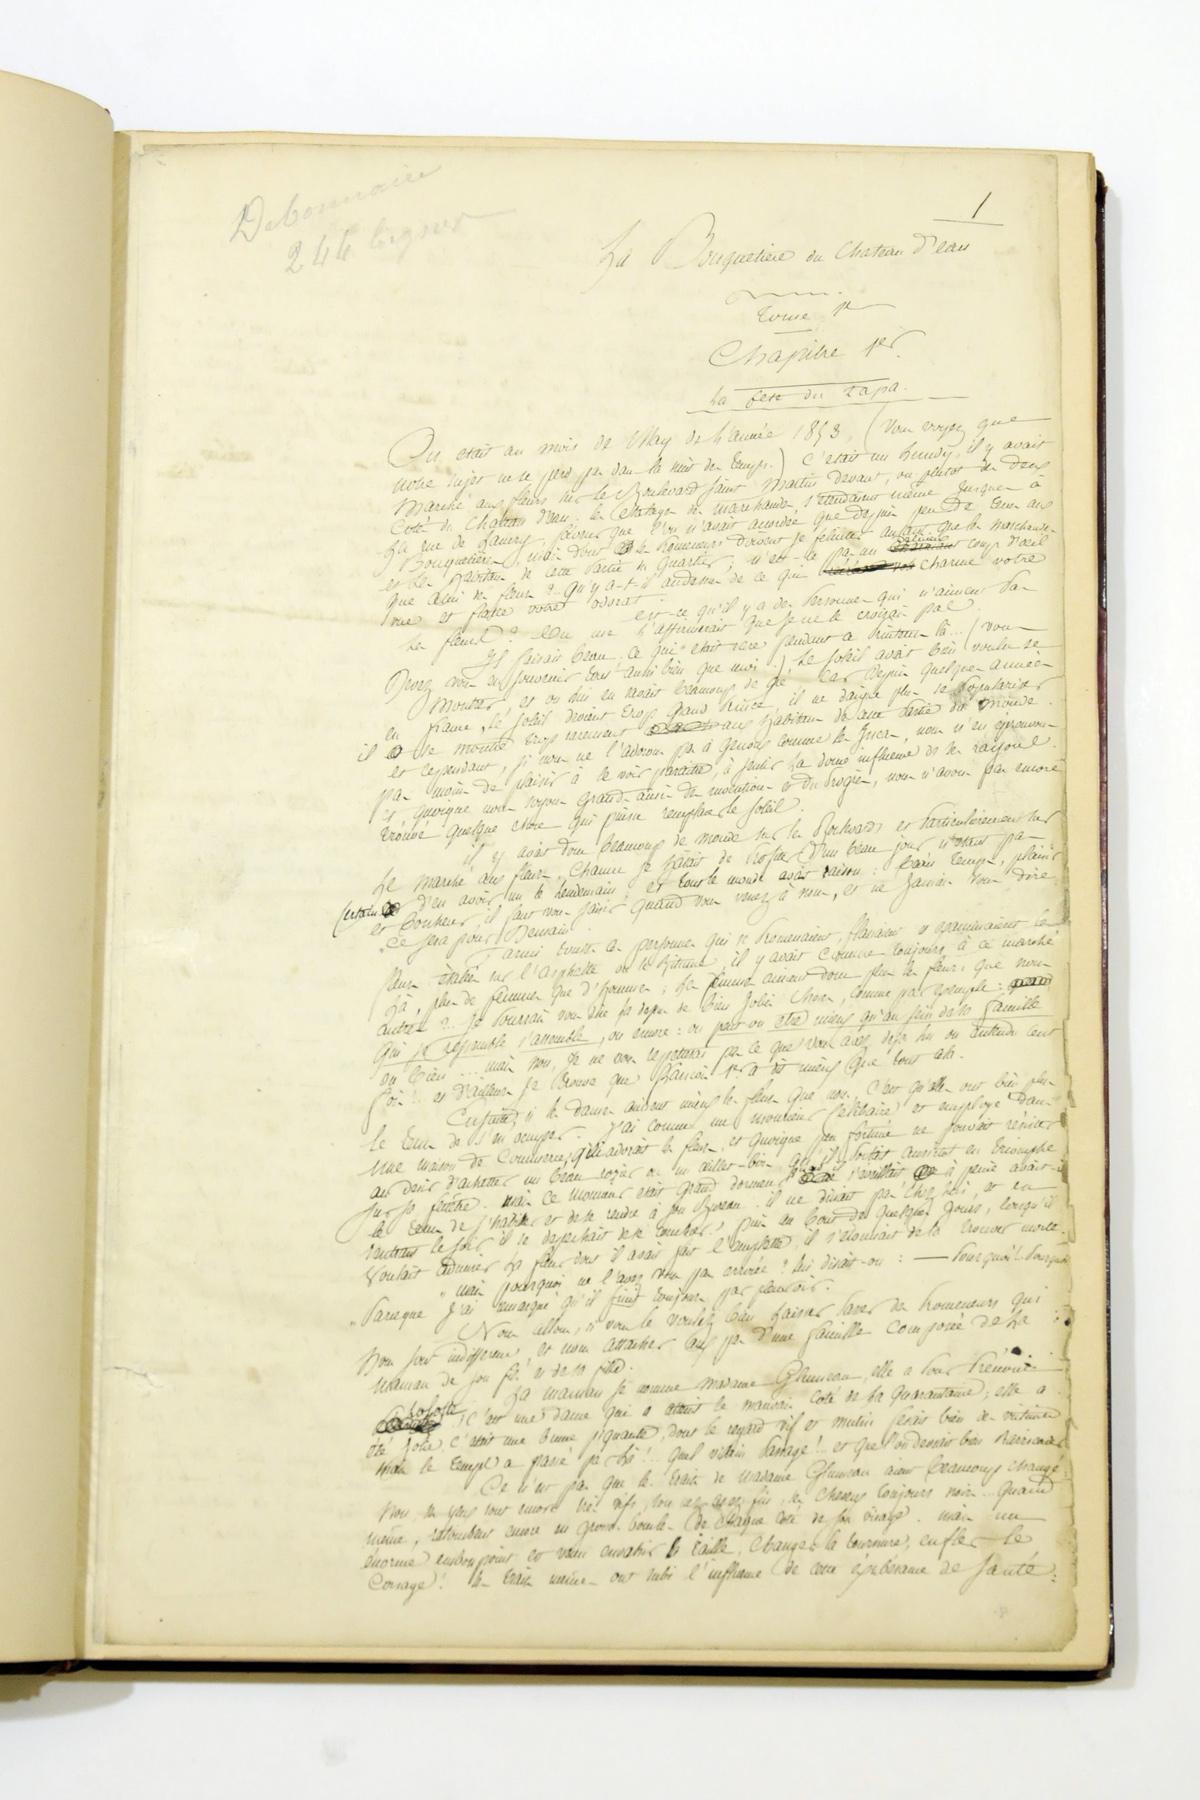 KOCK, Paul de (1793-1871). Aut